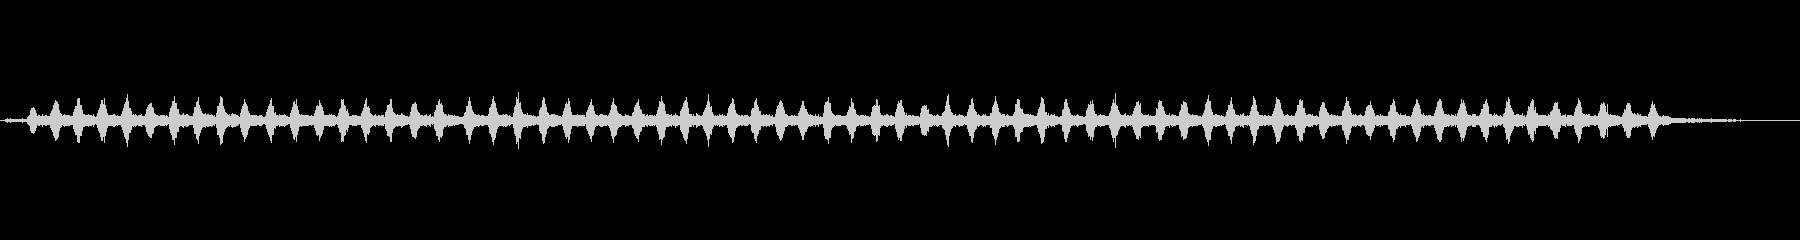 カエルの鳴き声(単体)の未再生の波形